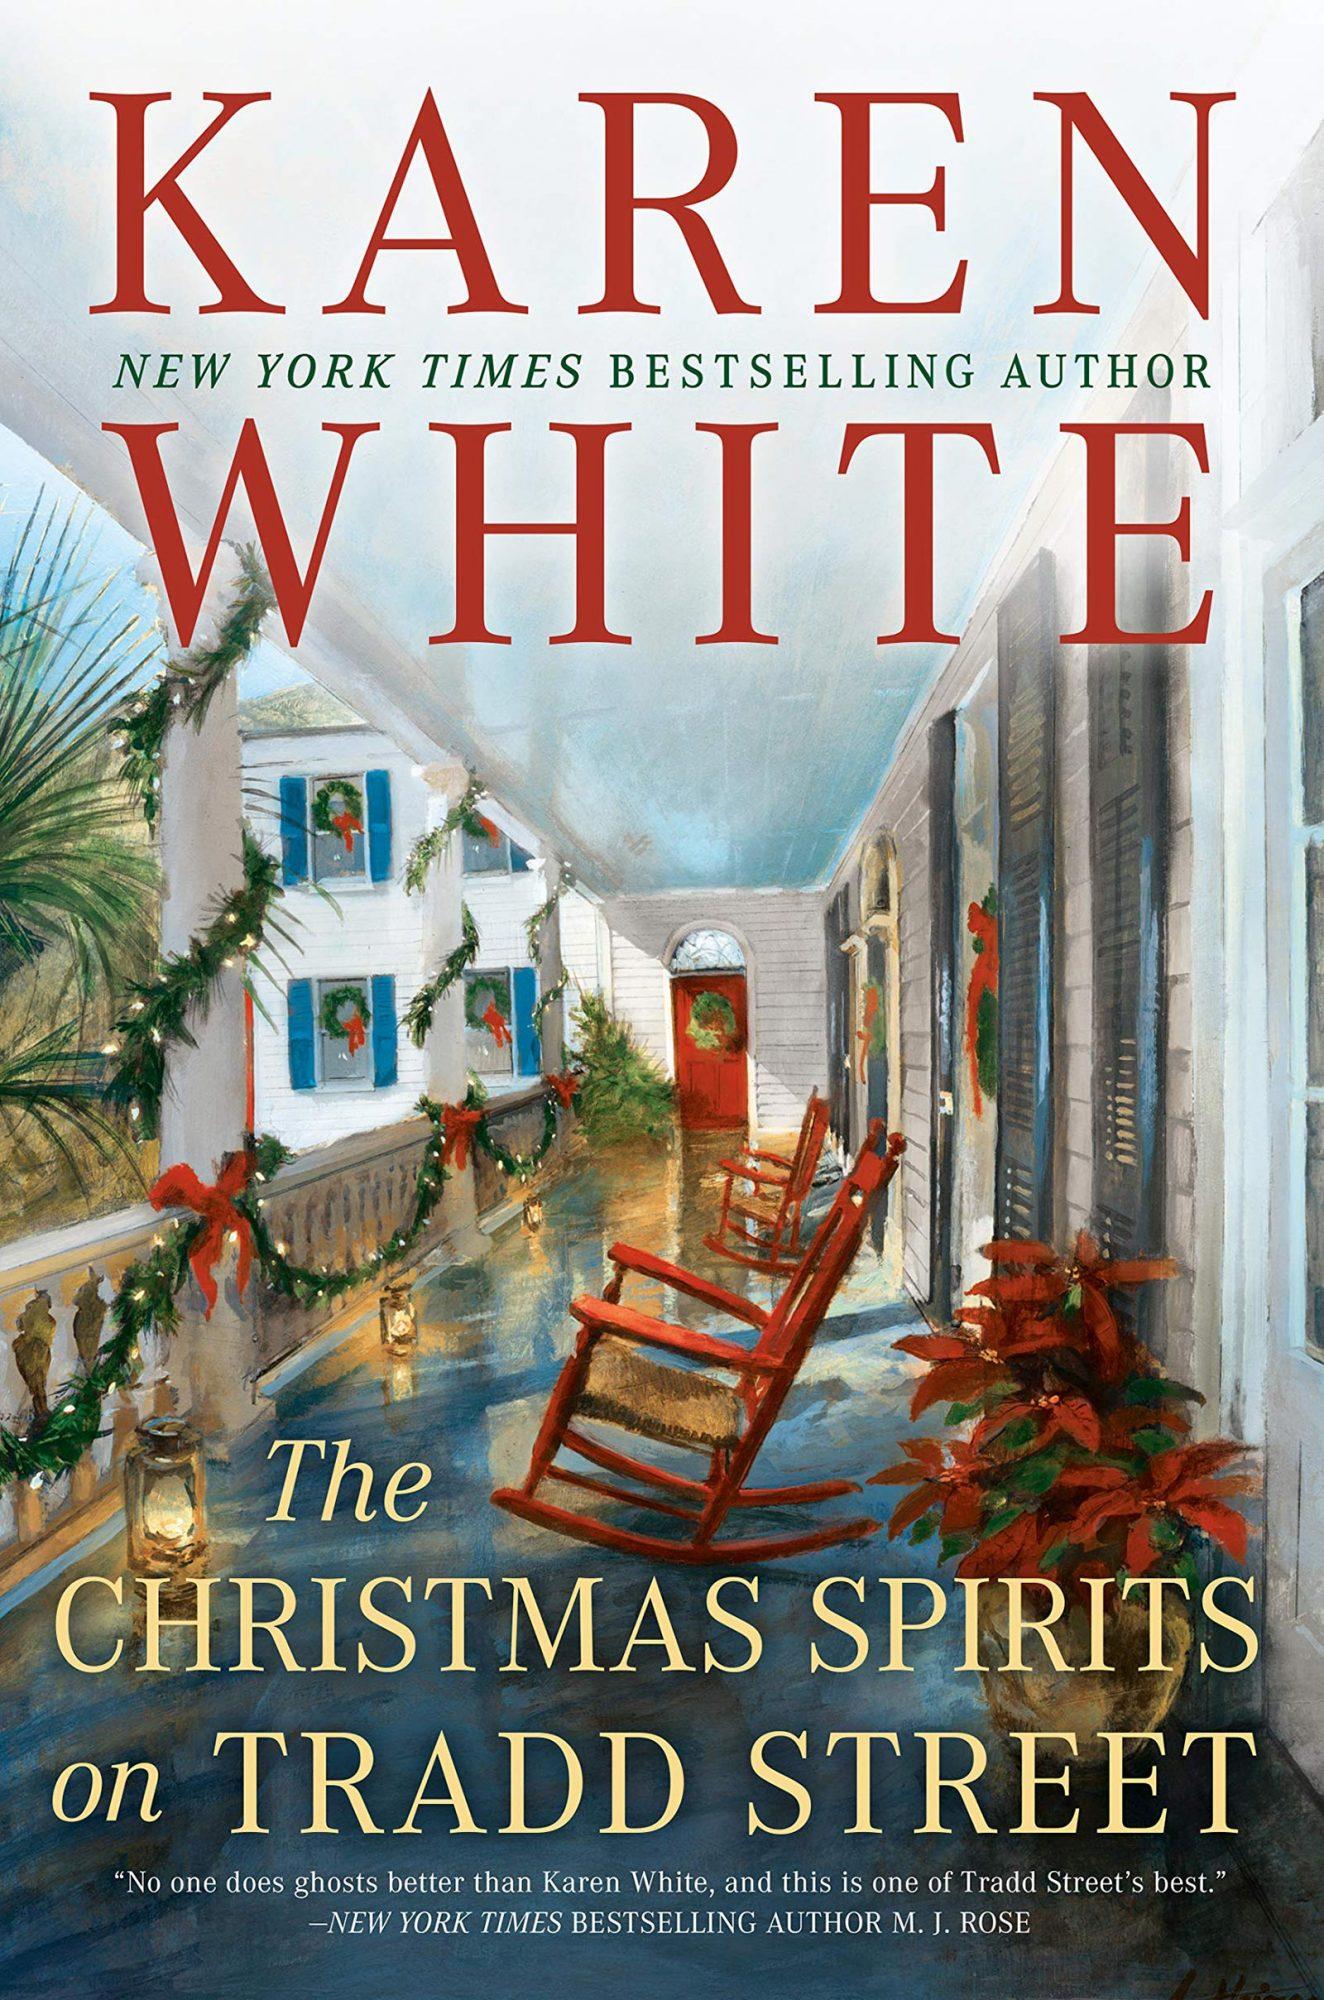 The Christmas Spirits on Tradd Street by Karen WhitePublisher: Berkley